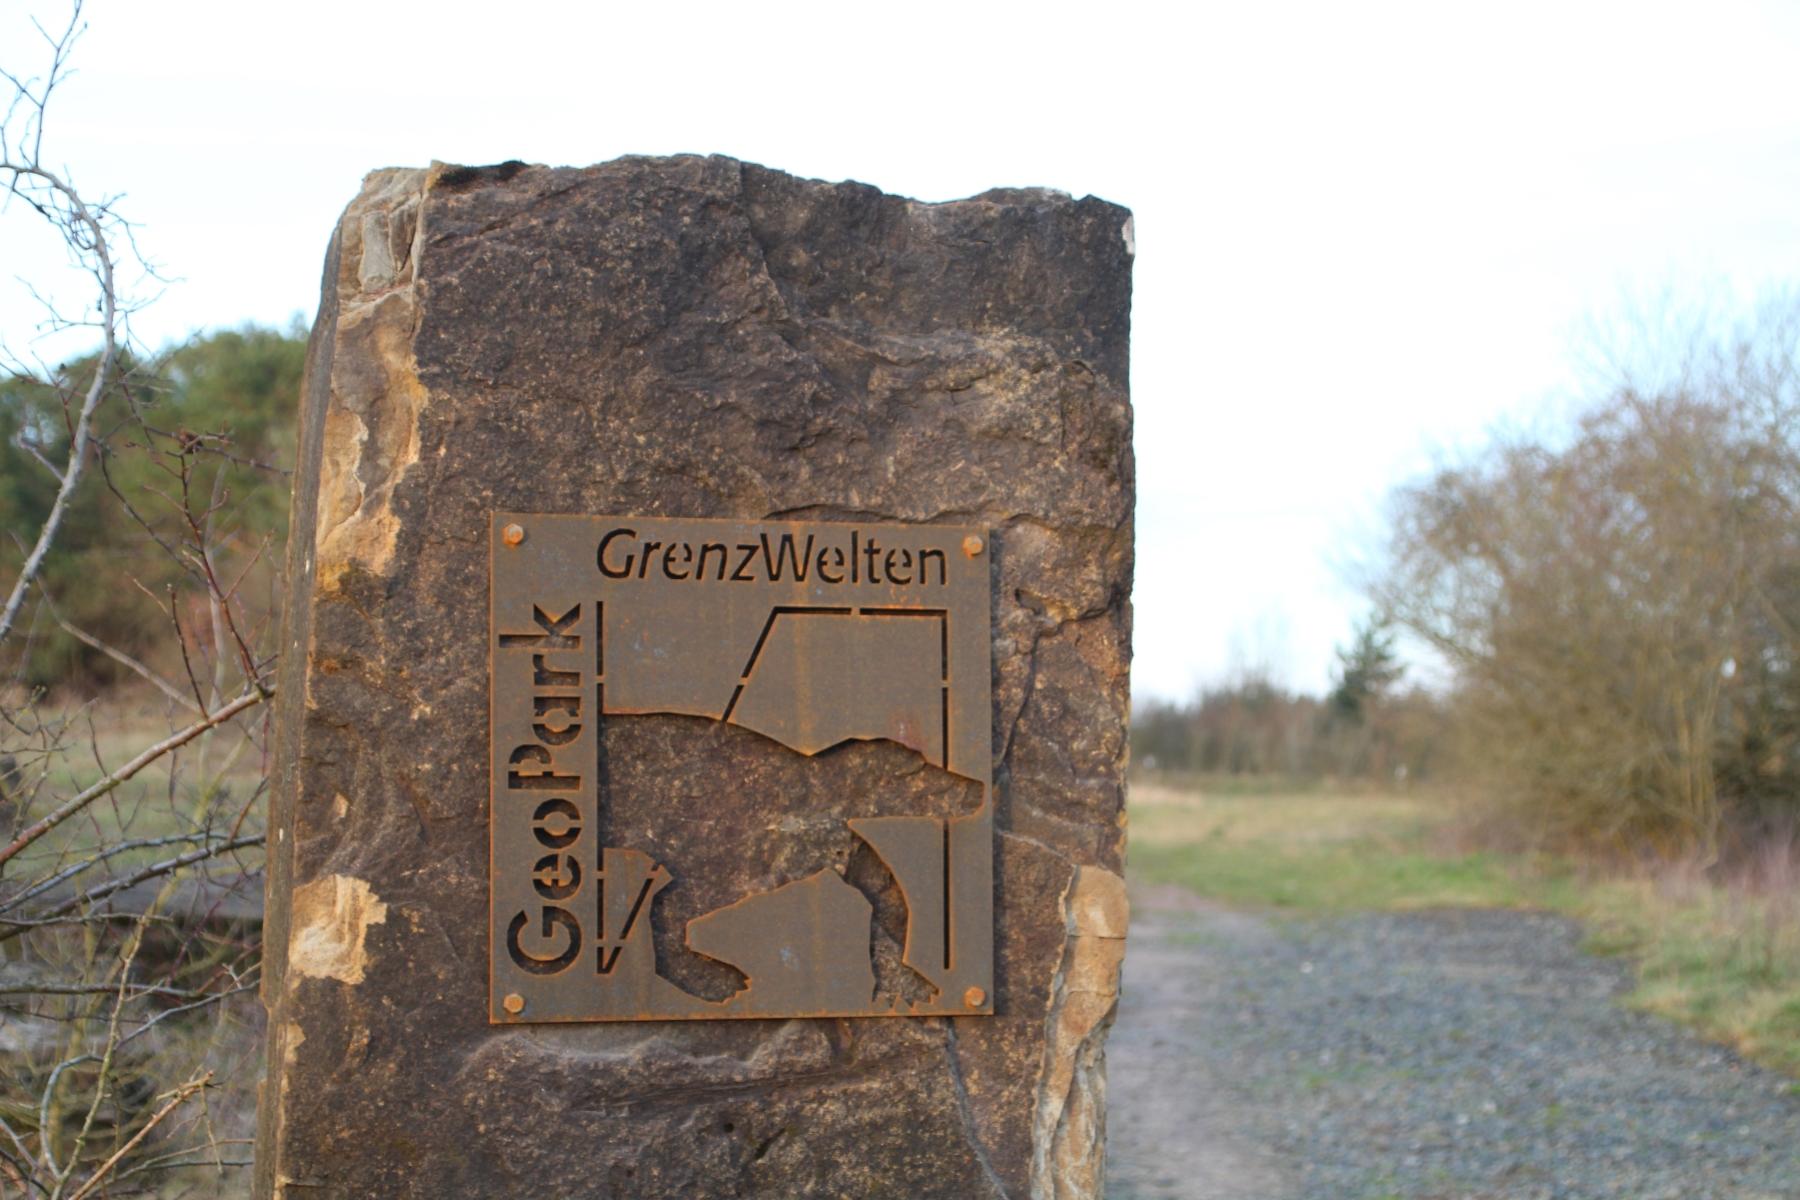 Eingang Geopark GrenzWelten.jpg